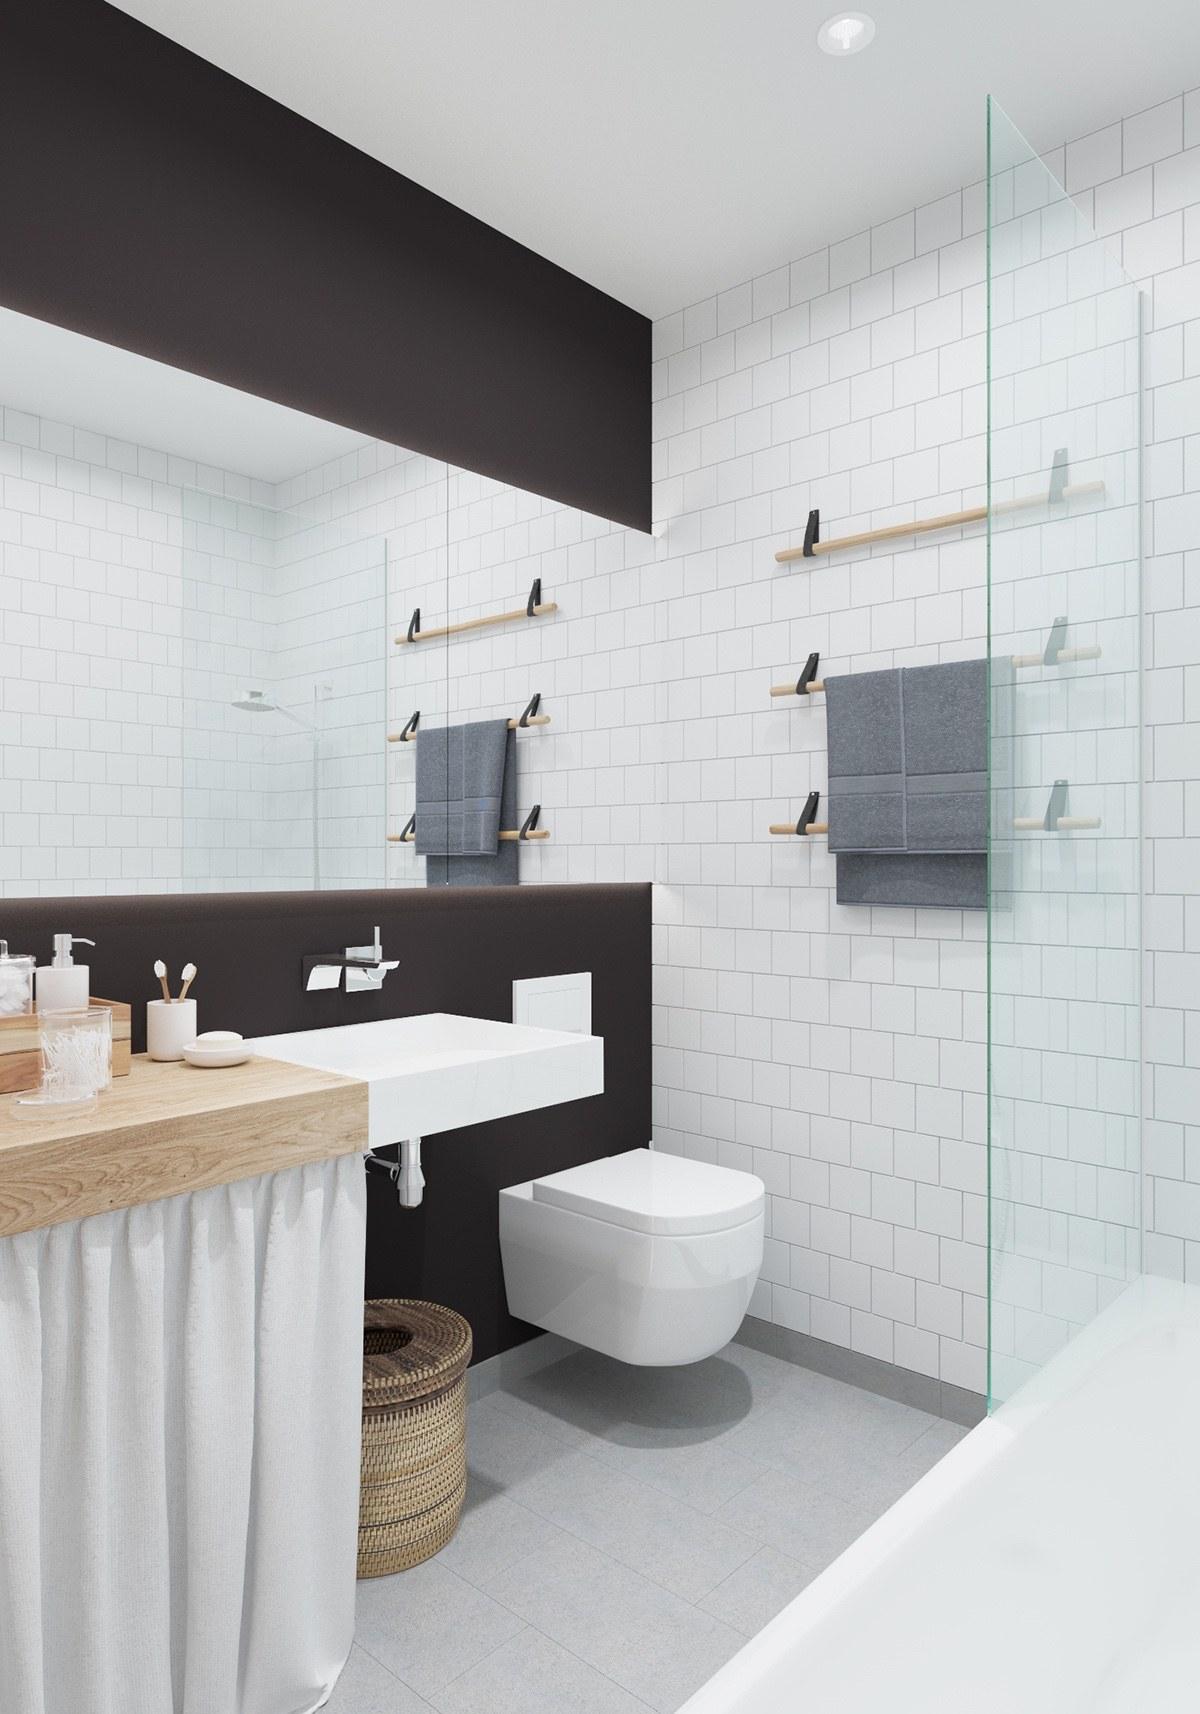 Thích mê 3 căn hộ hiện đại với diện tích khiêm tốn dưới 50m2 - Ảnh 32.